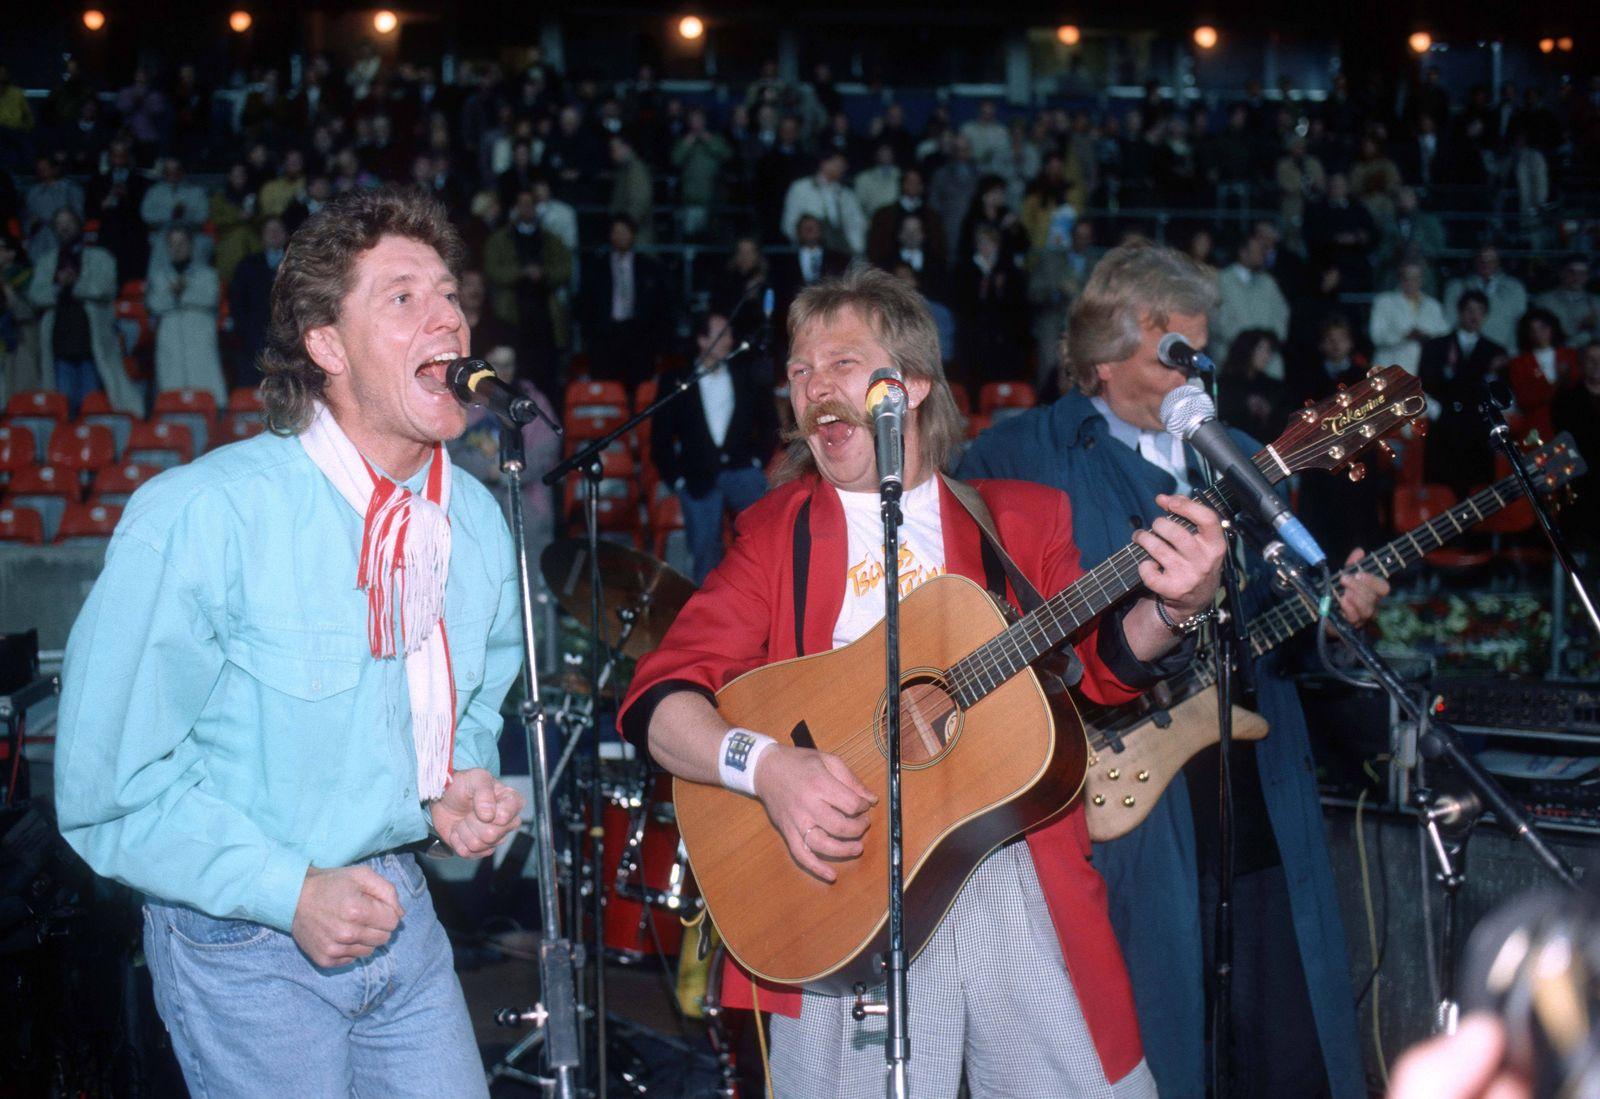 Zu seinem Abschiedsspiel singt Torwart Harald Toni Schumacher Deutschland mit De Höhner